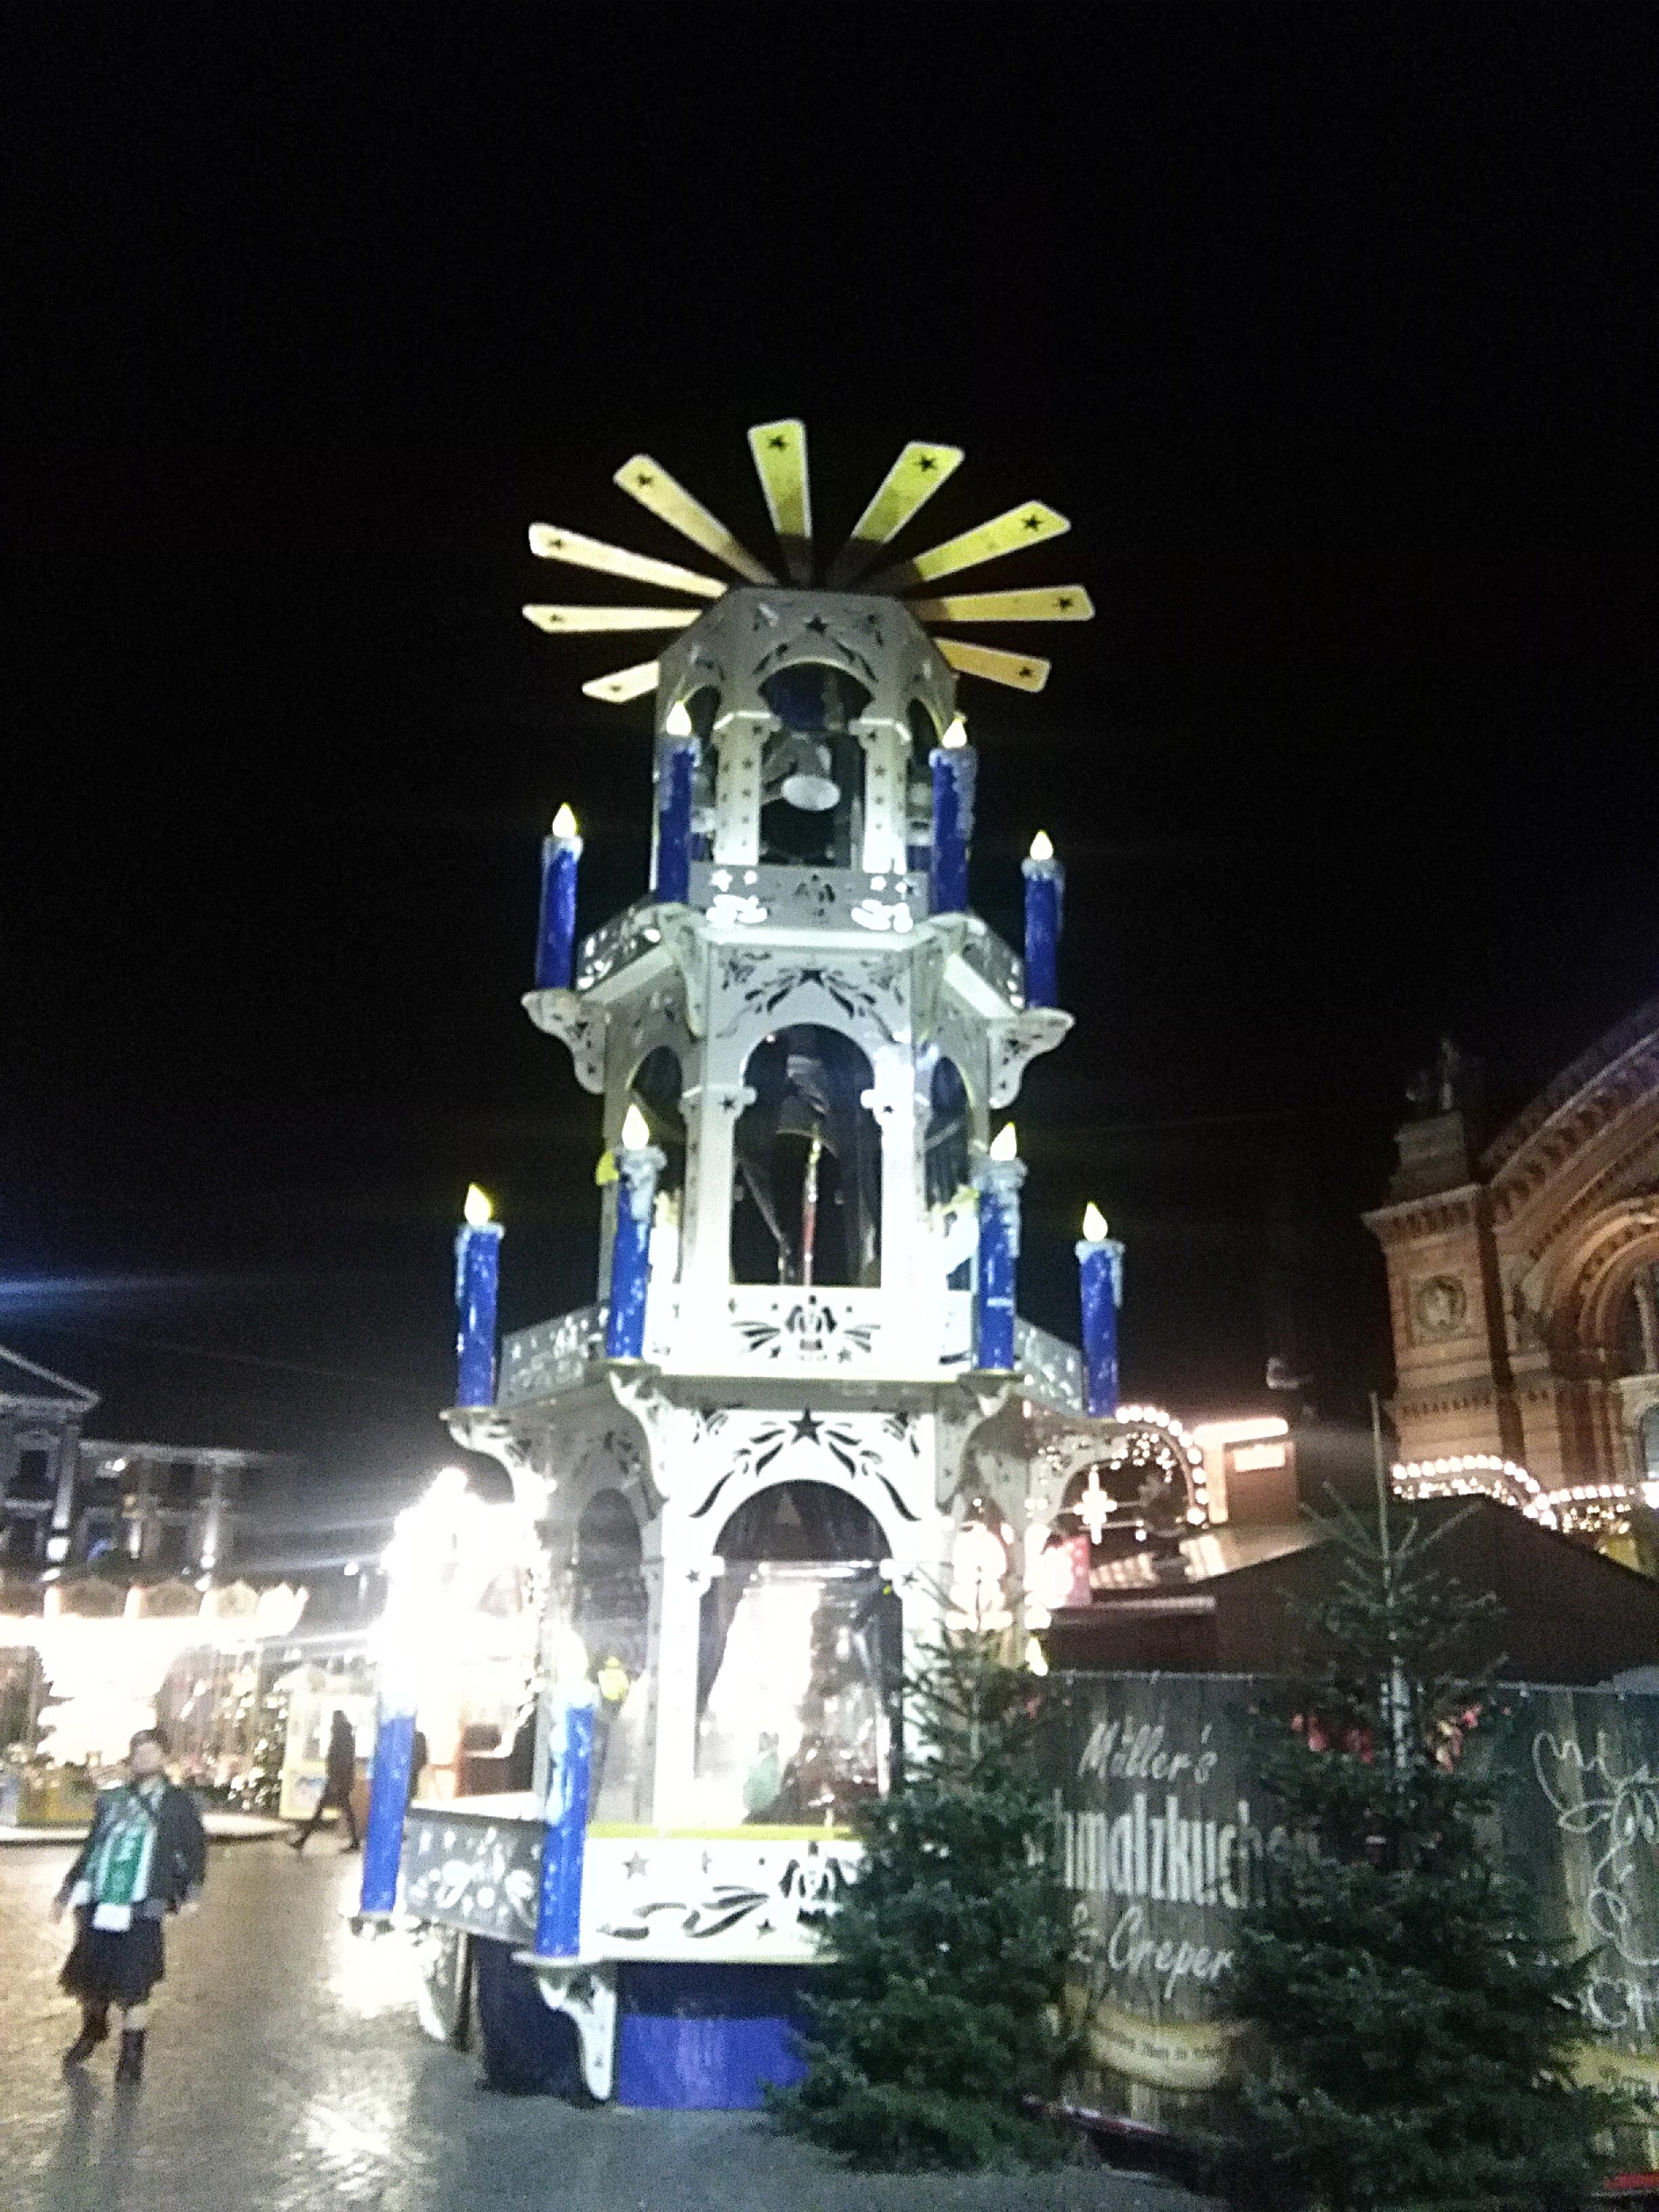 172129-riesen-weihnachtspyramide-weihnachtsmarkt-nacht-beleuchtet